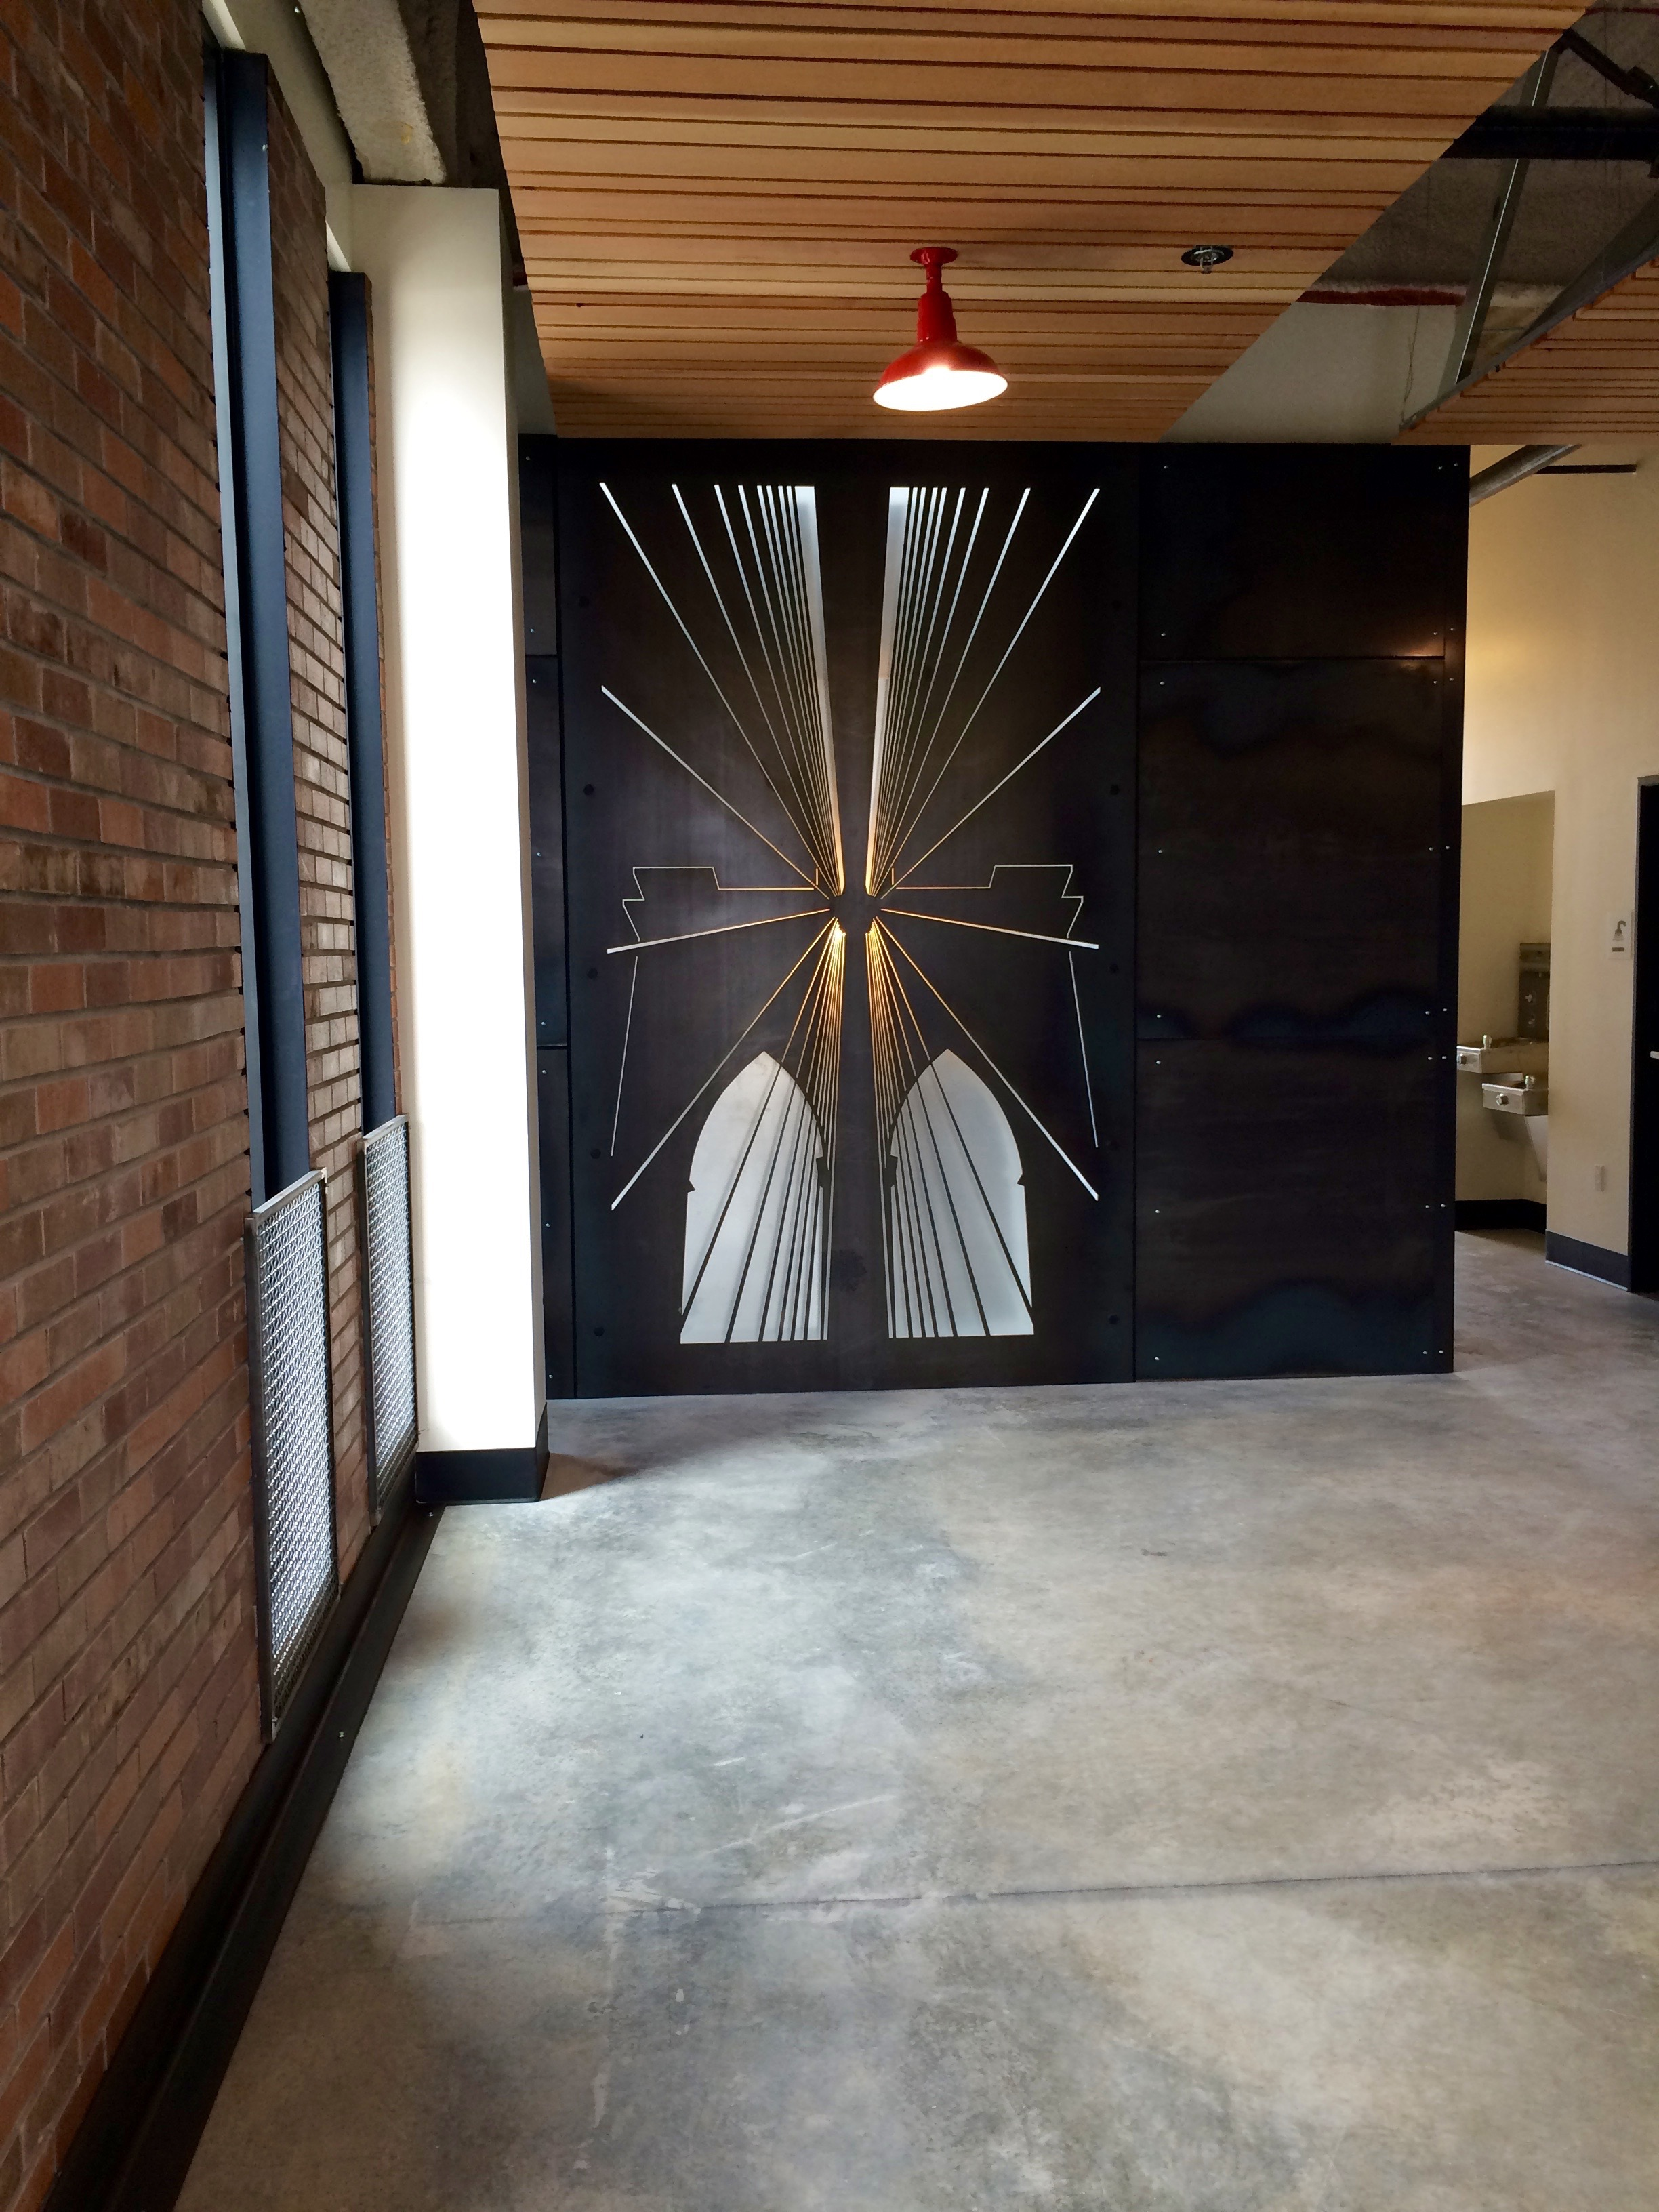 Public art fixtures of cut steel with backlighting adorn each floor.